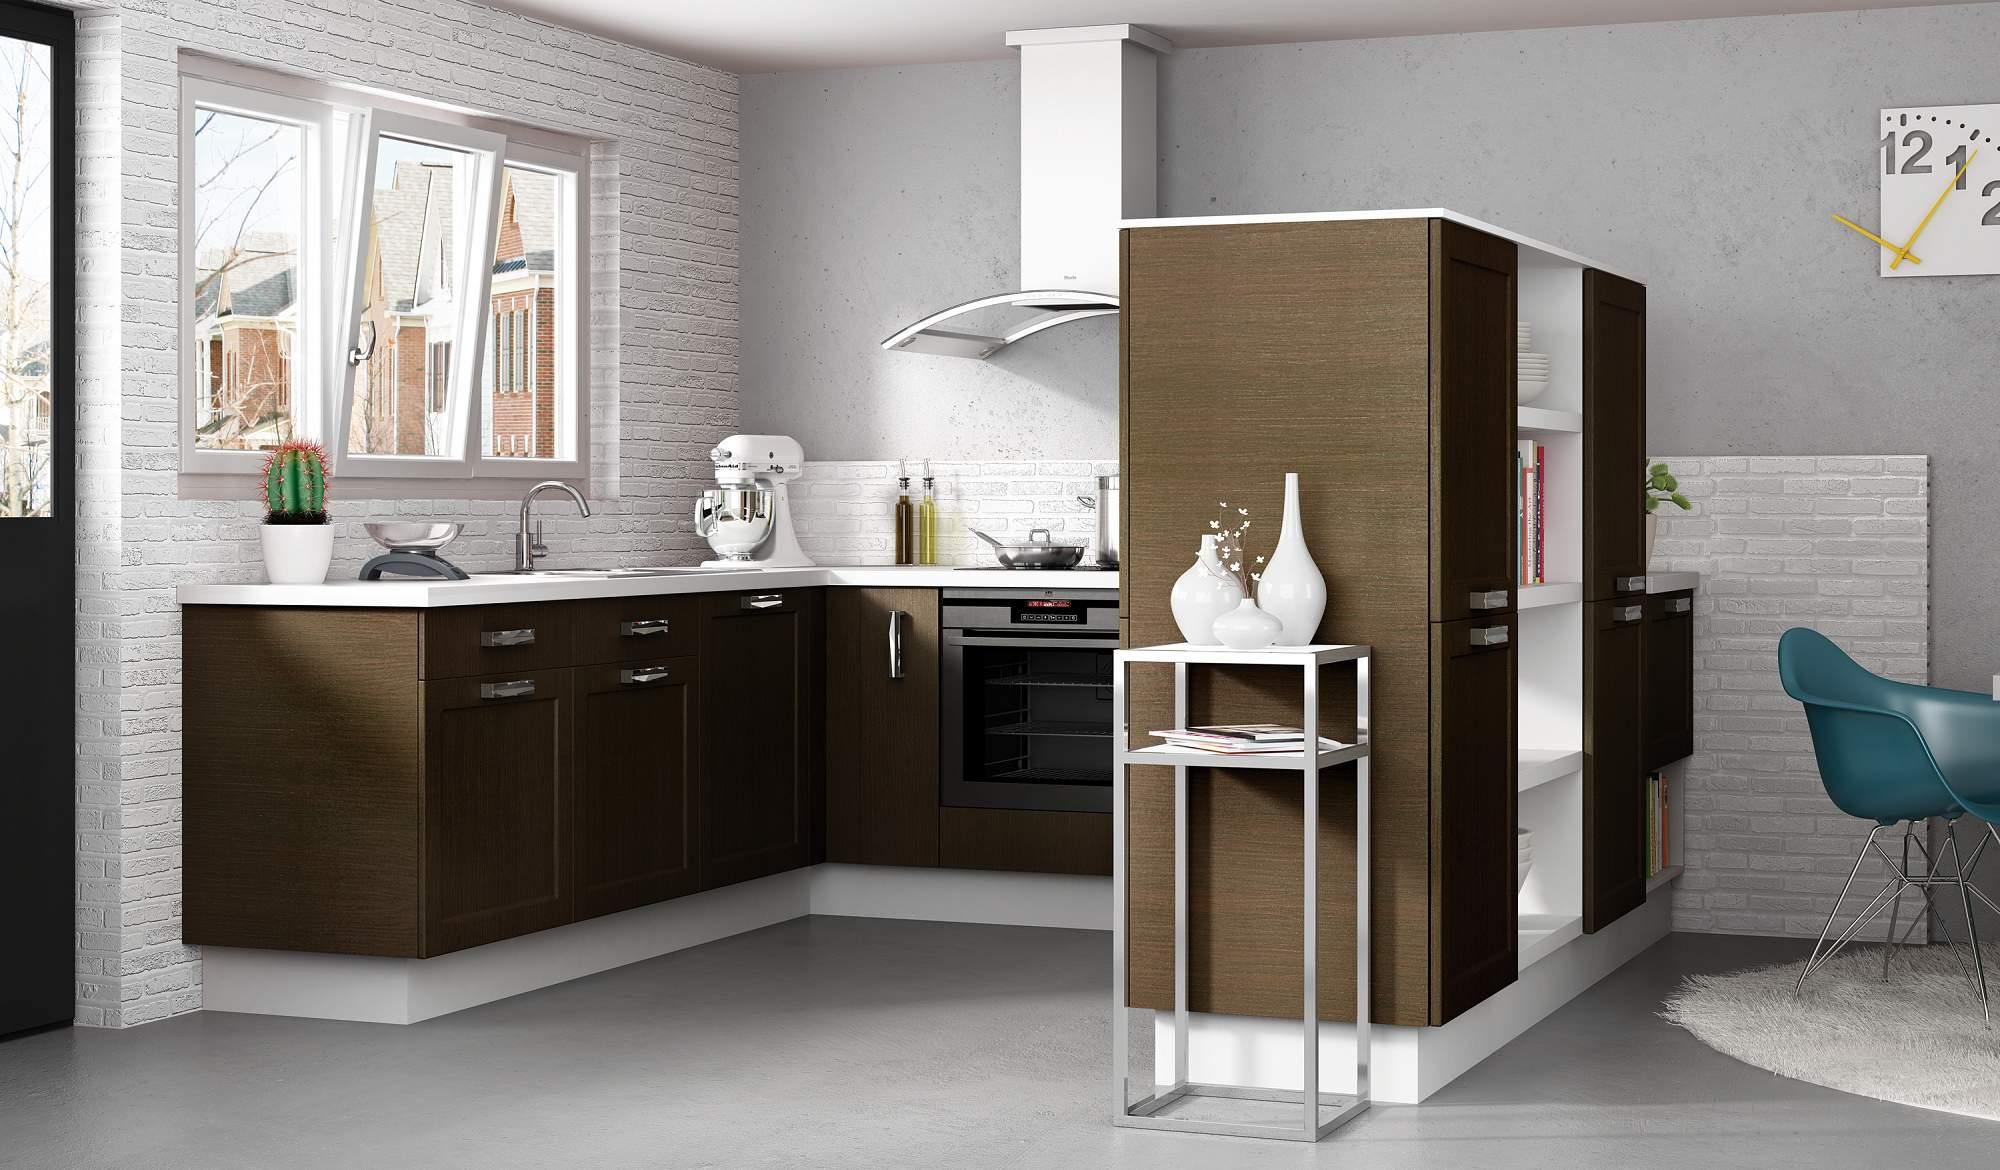 bb heute: küchenmodernisierung vom feinsten - der schnelle weg zur